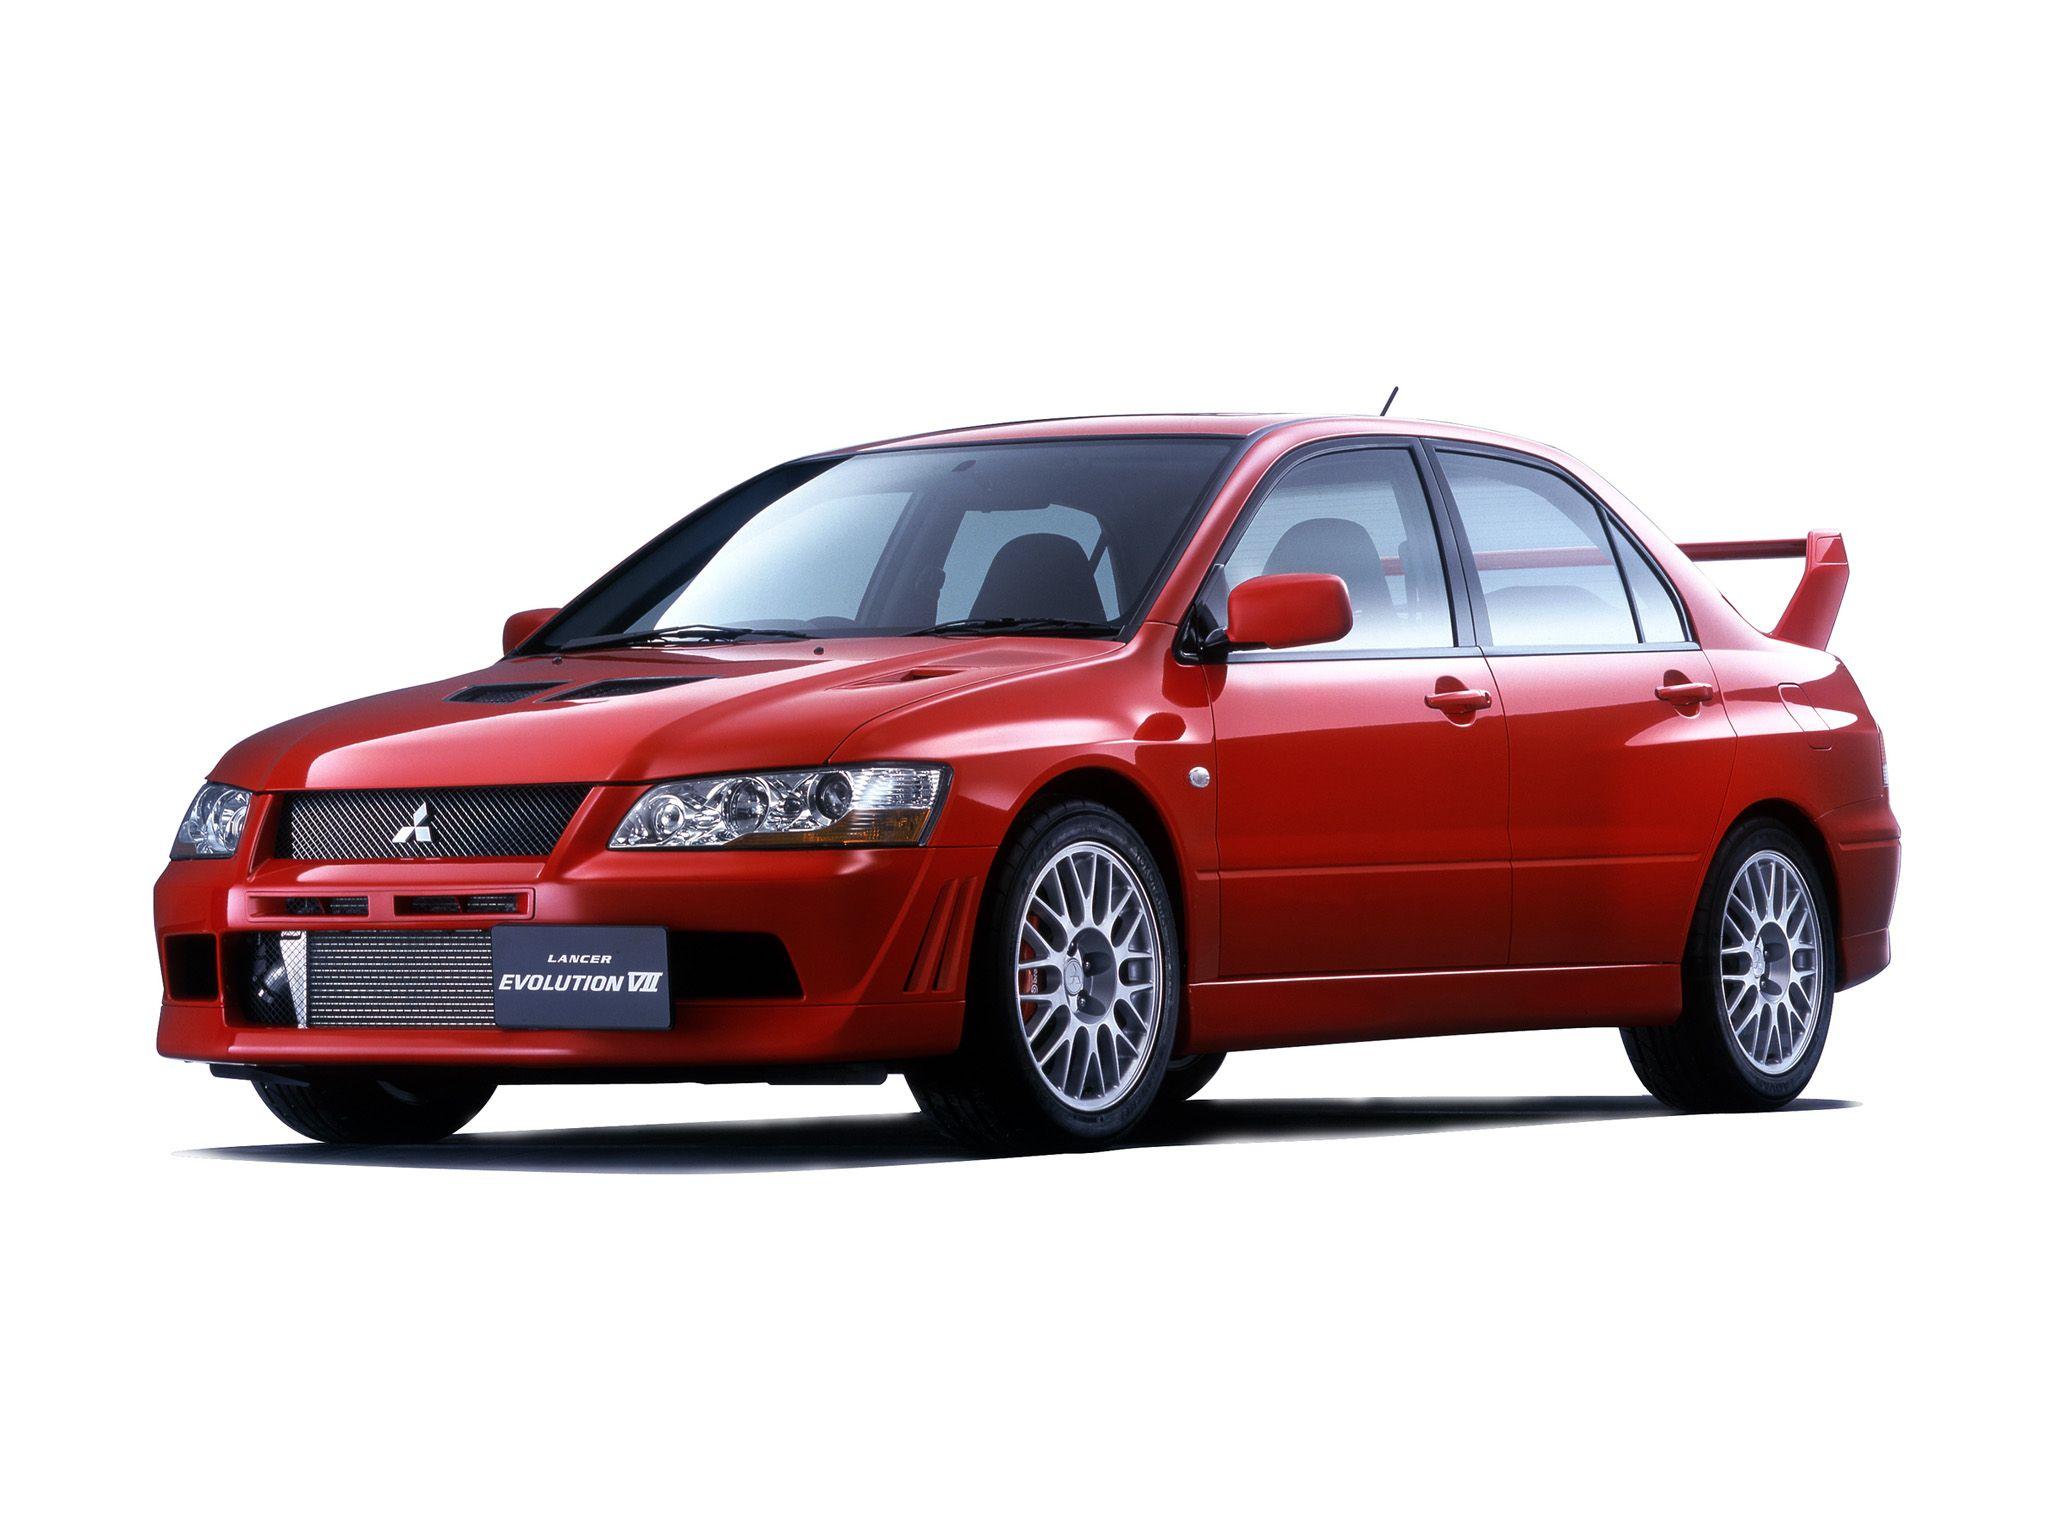 2001 Mitsubishi Lancer GSR Evolution VII Mitsubishi